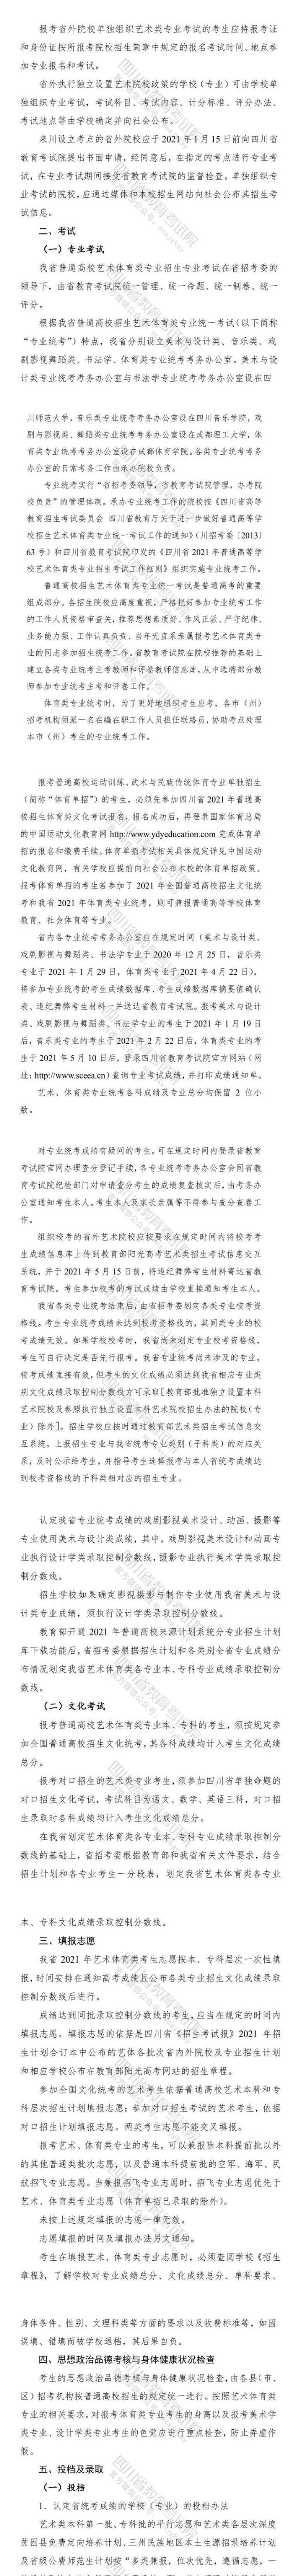 2021年四川普通高等学校艺术体育类专业招生工作实施规定出炉!图2